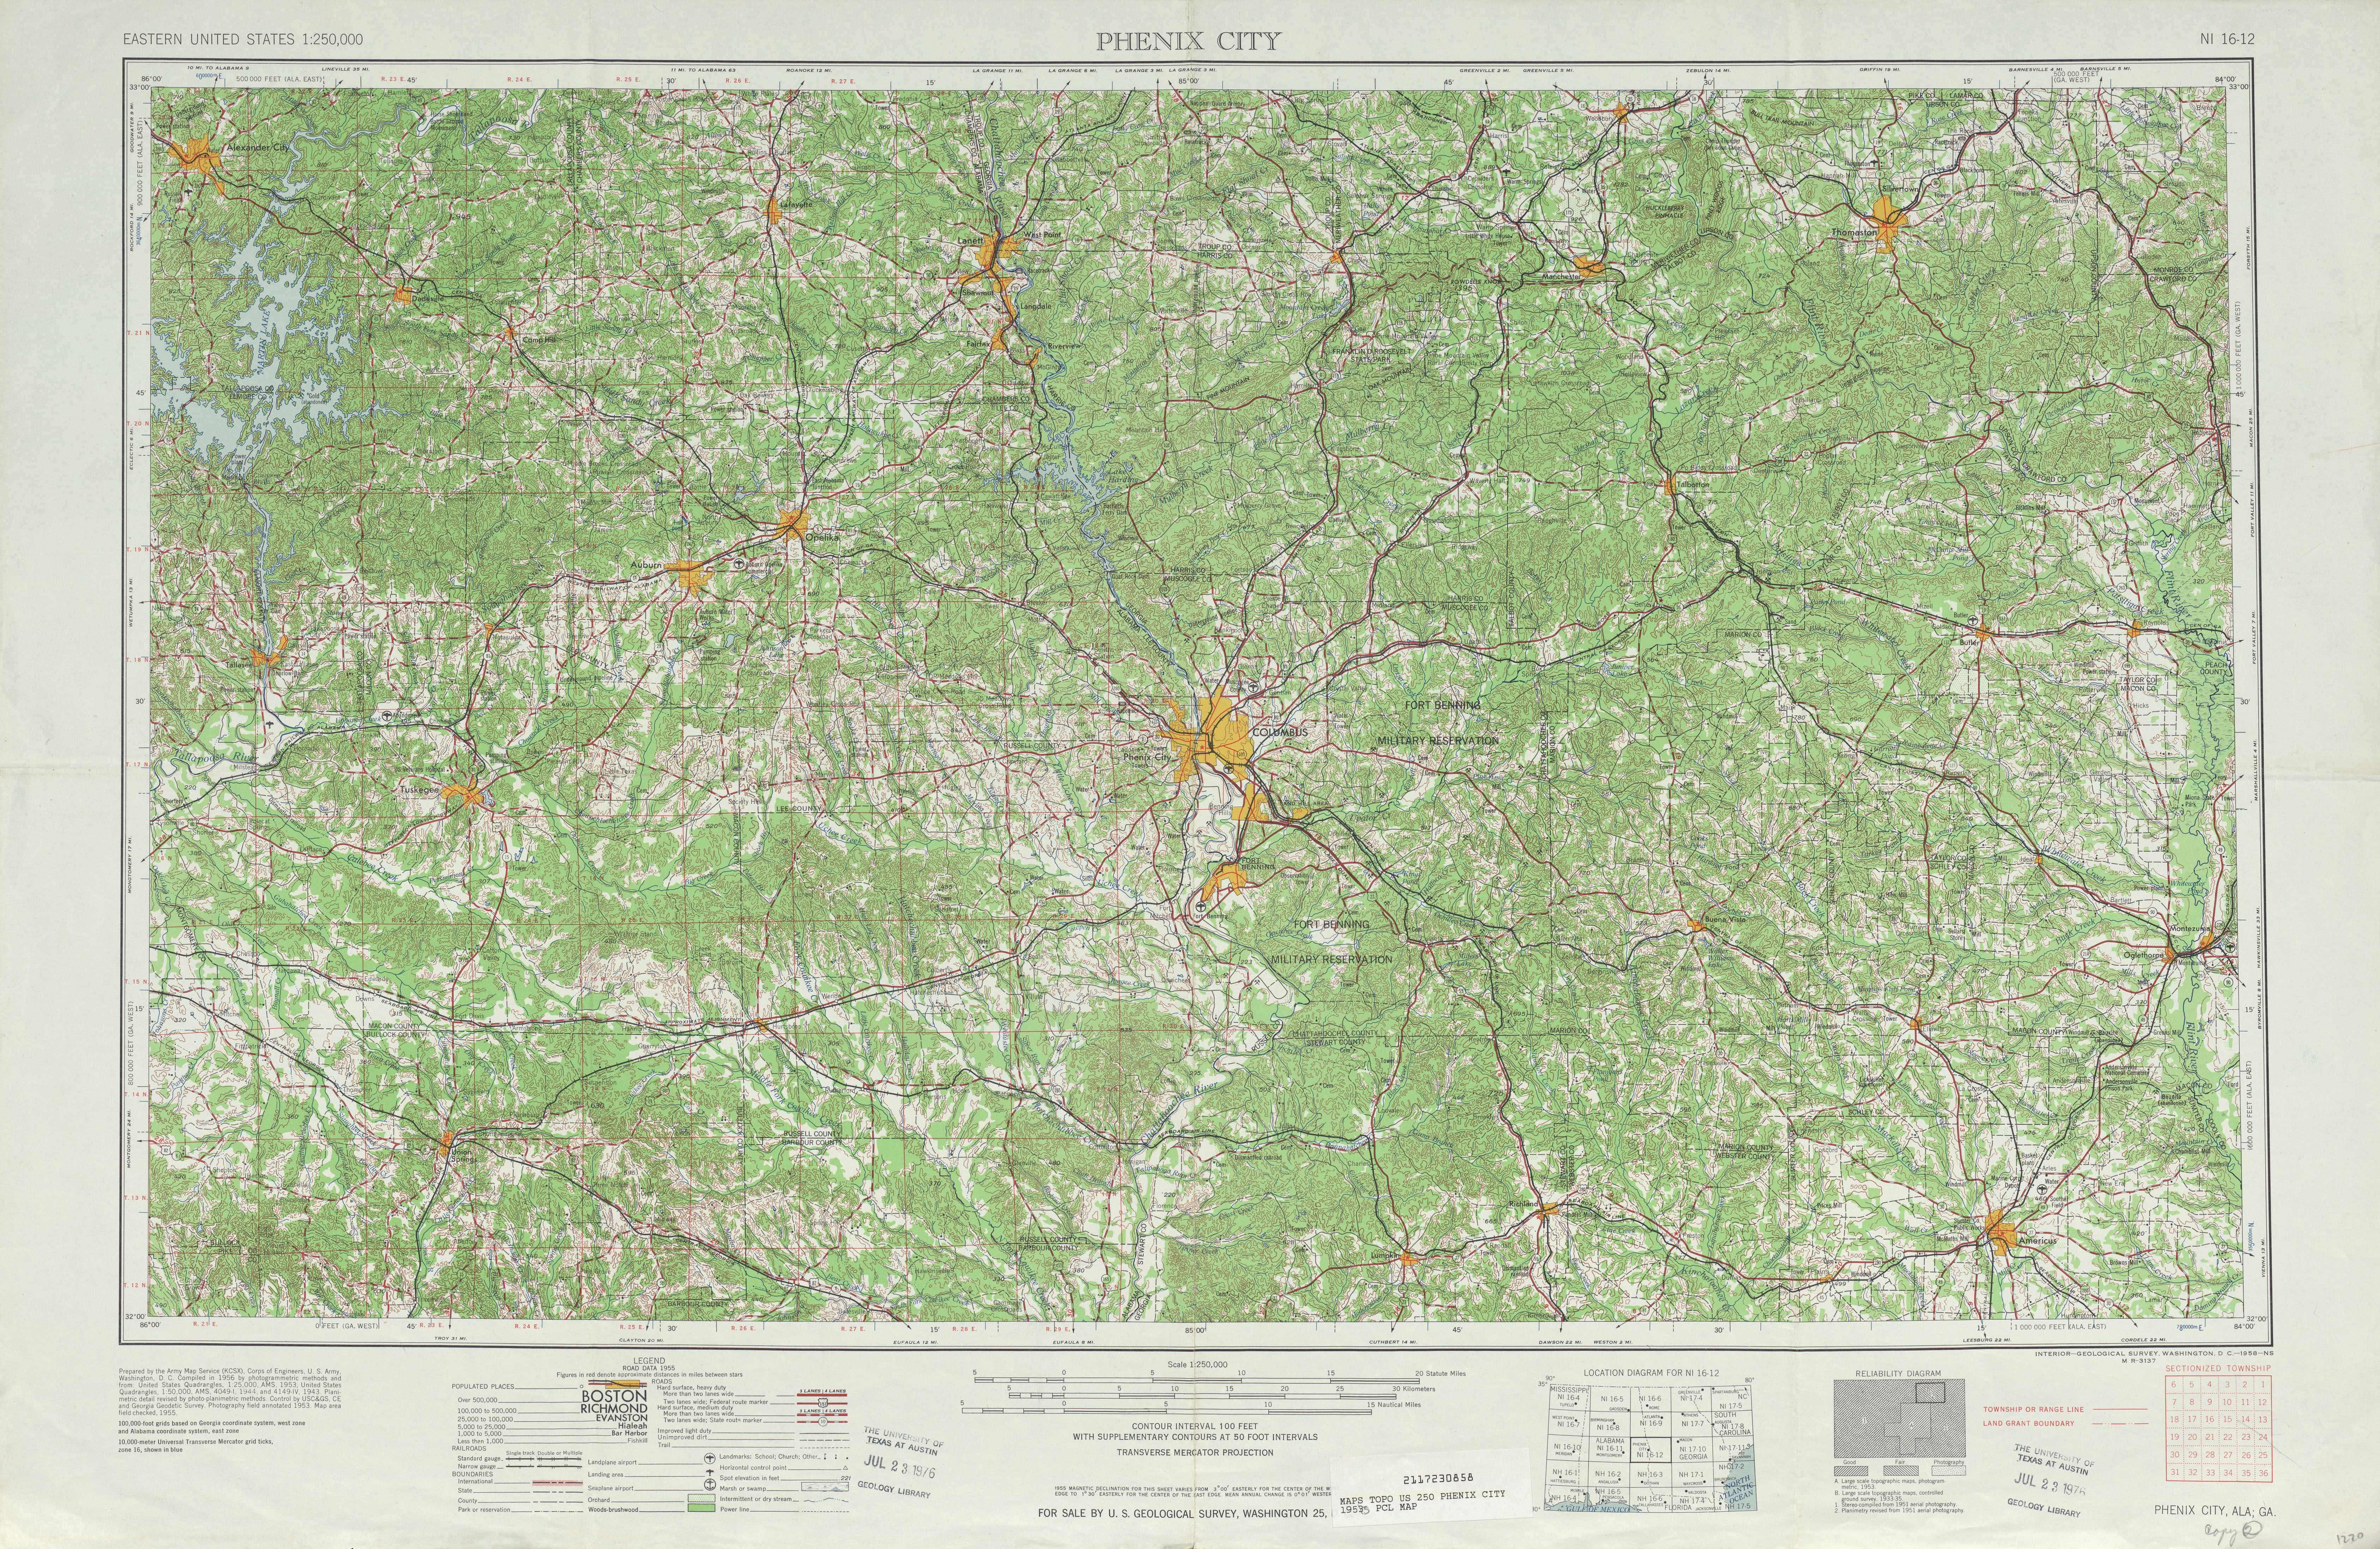 Hoja Phenix City del Mapa Topográfico de los Estados Unidos 1955